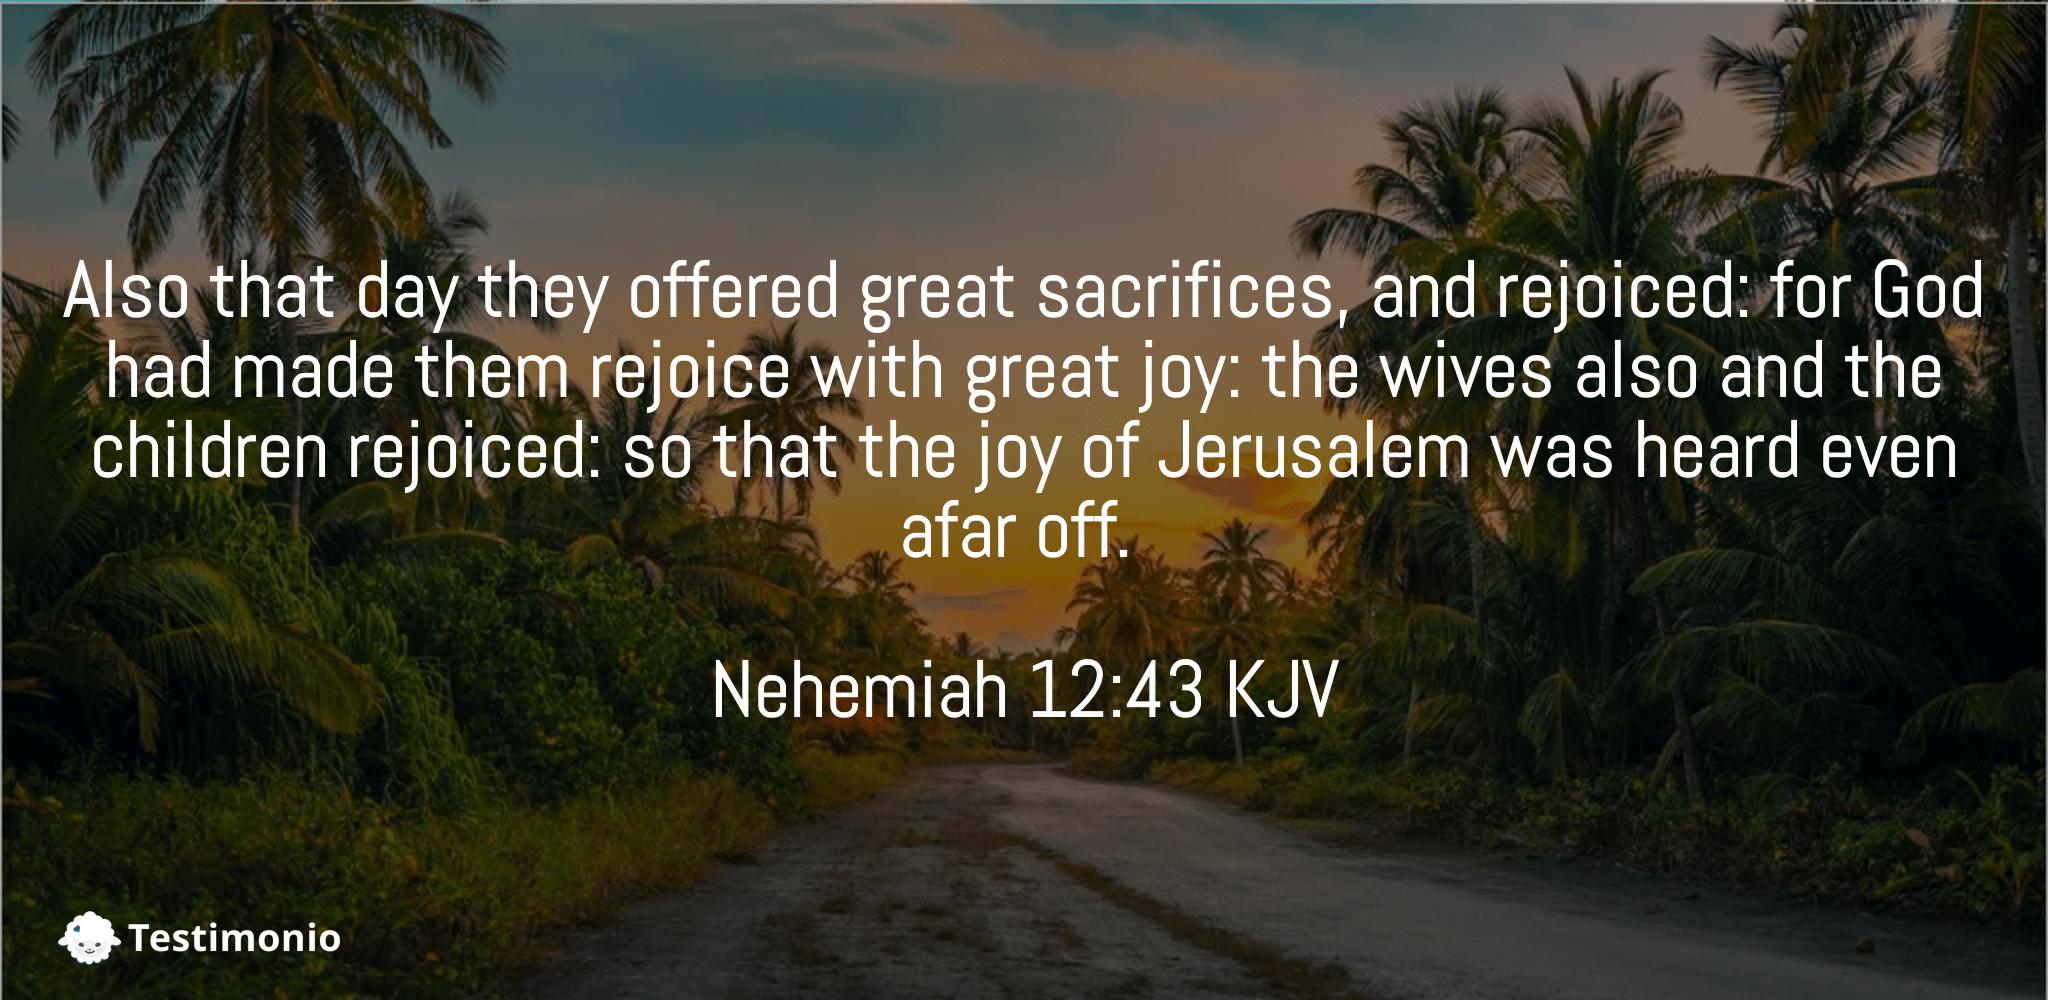 Nehemiah 12:43